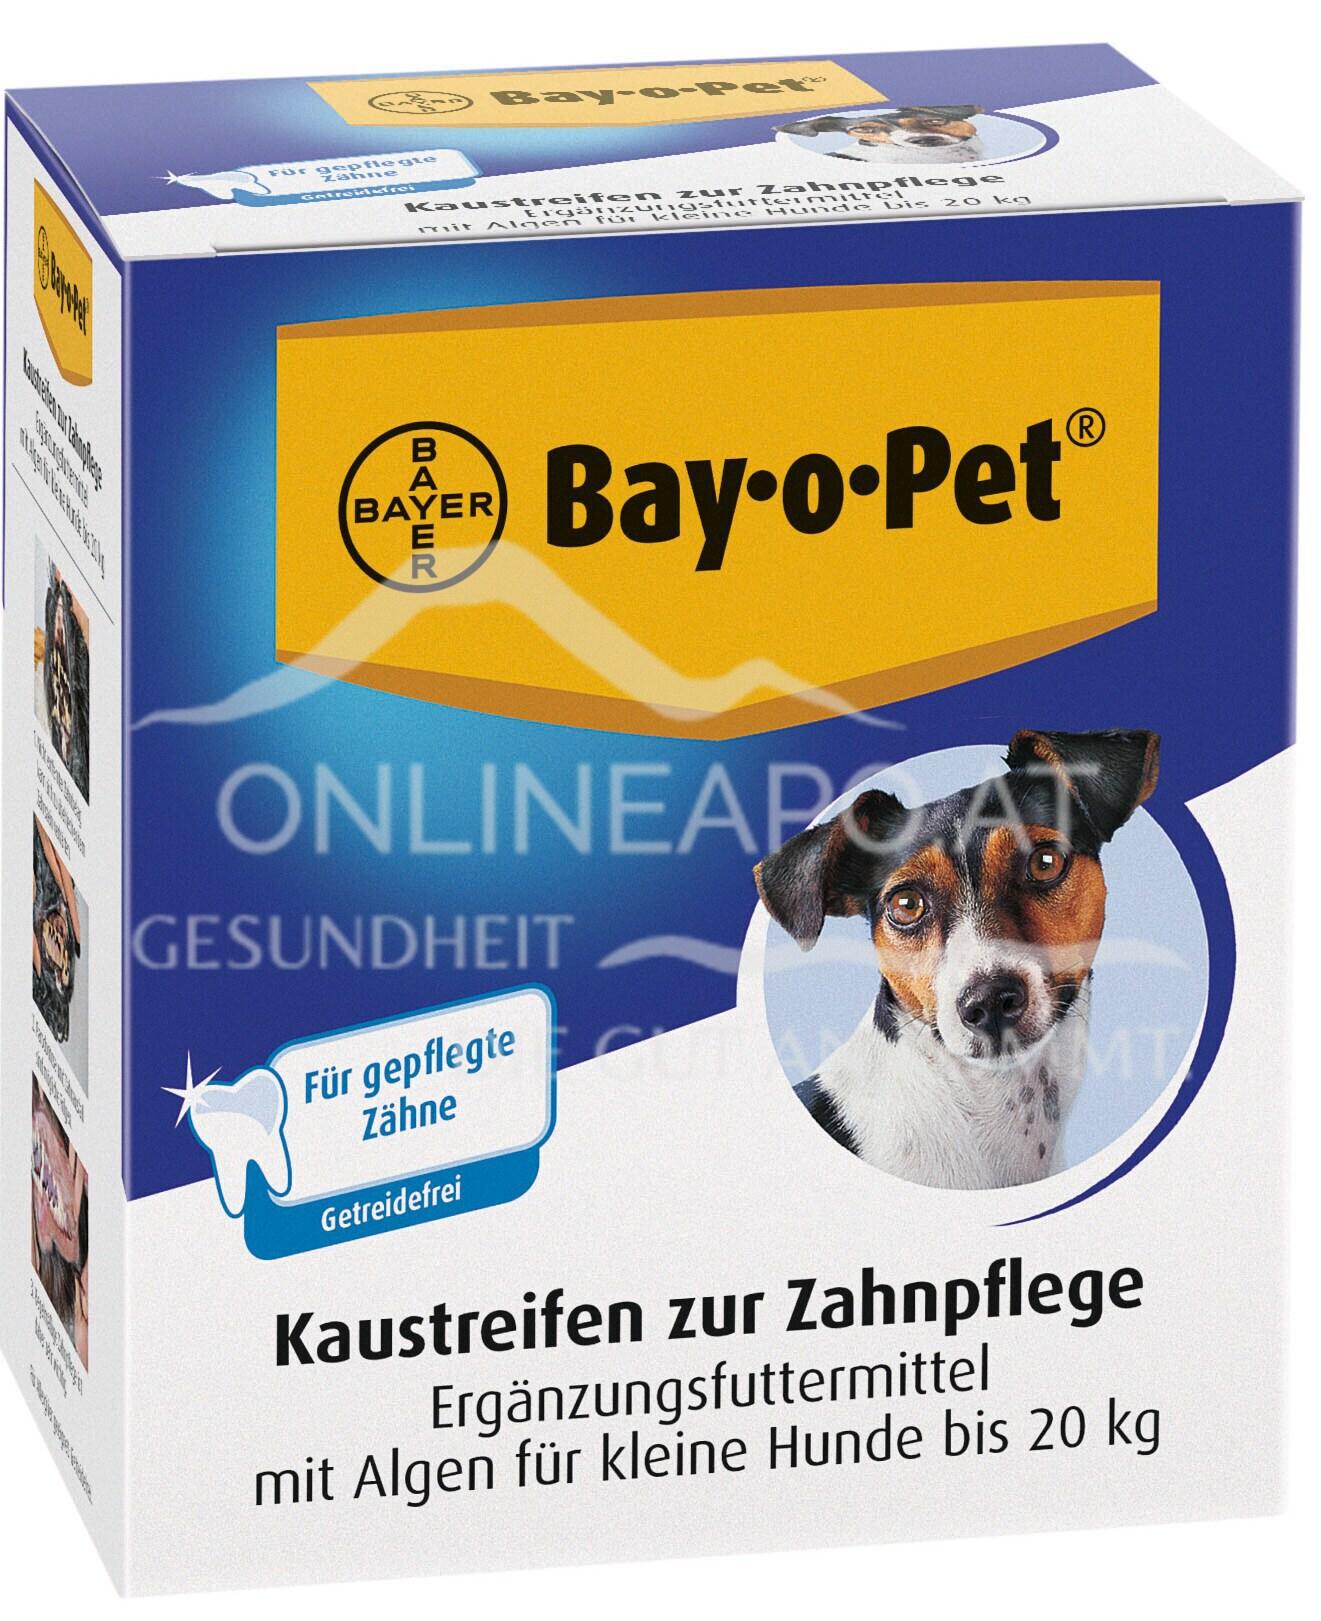 Bay·o·Pet® Zahnpflege Kaustreifen mit Algen für kleine Hunde